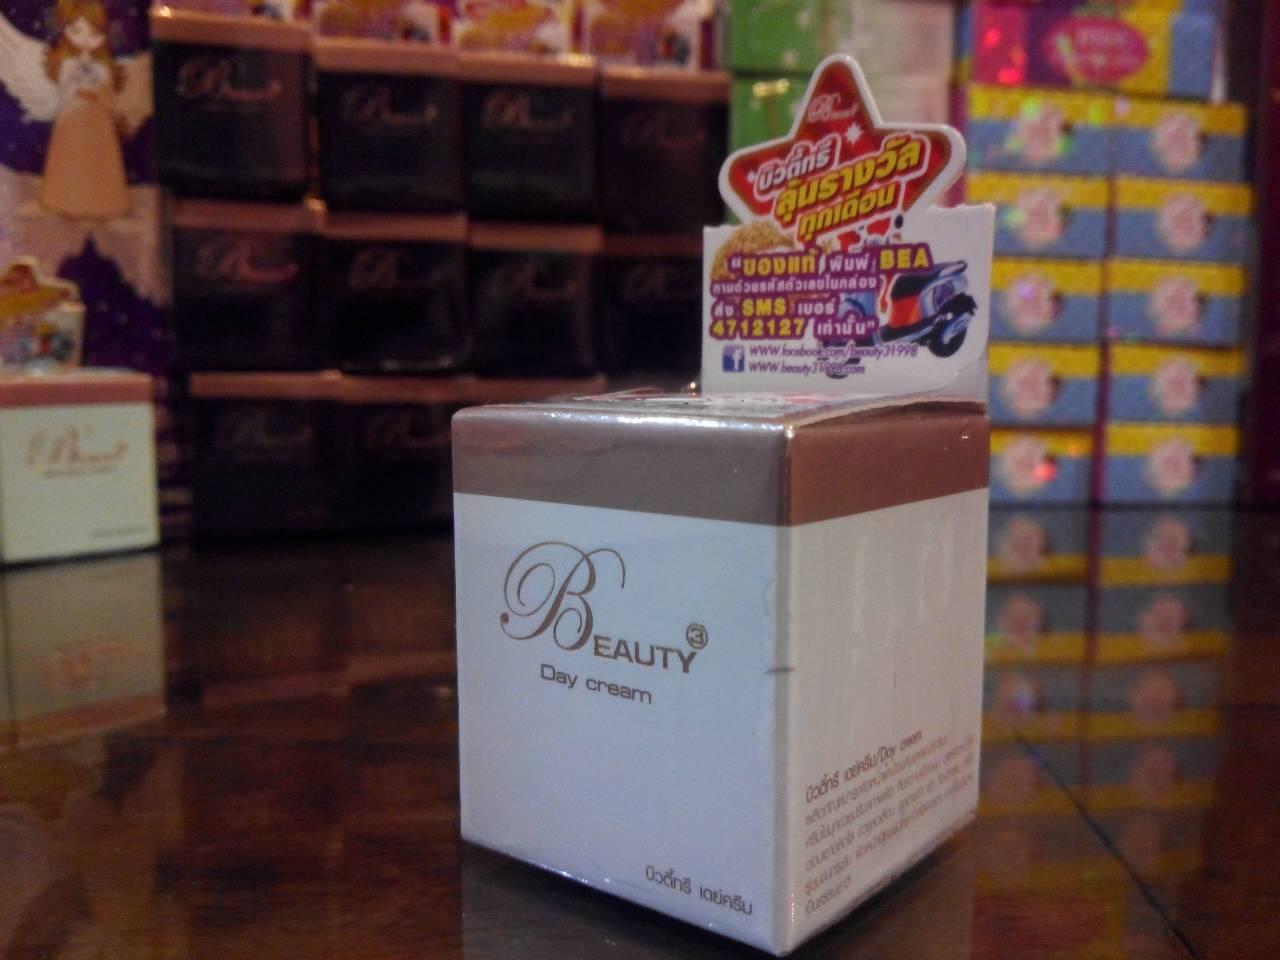 บิวตี้ทรี เดย์ ครีม Beauty 3 Day Cream 5g.